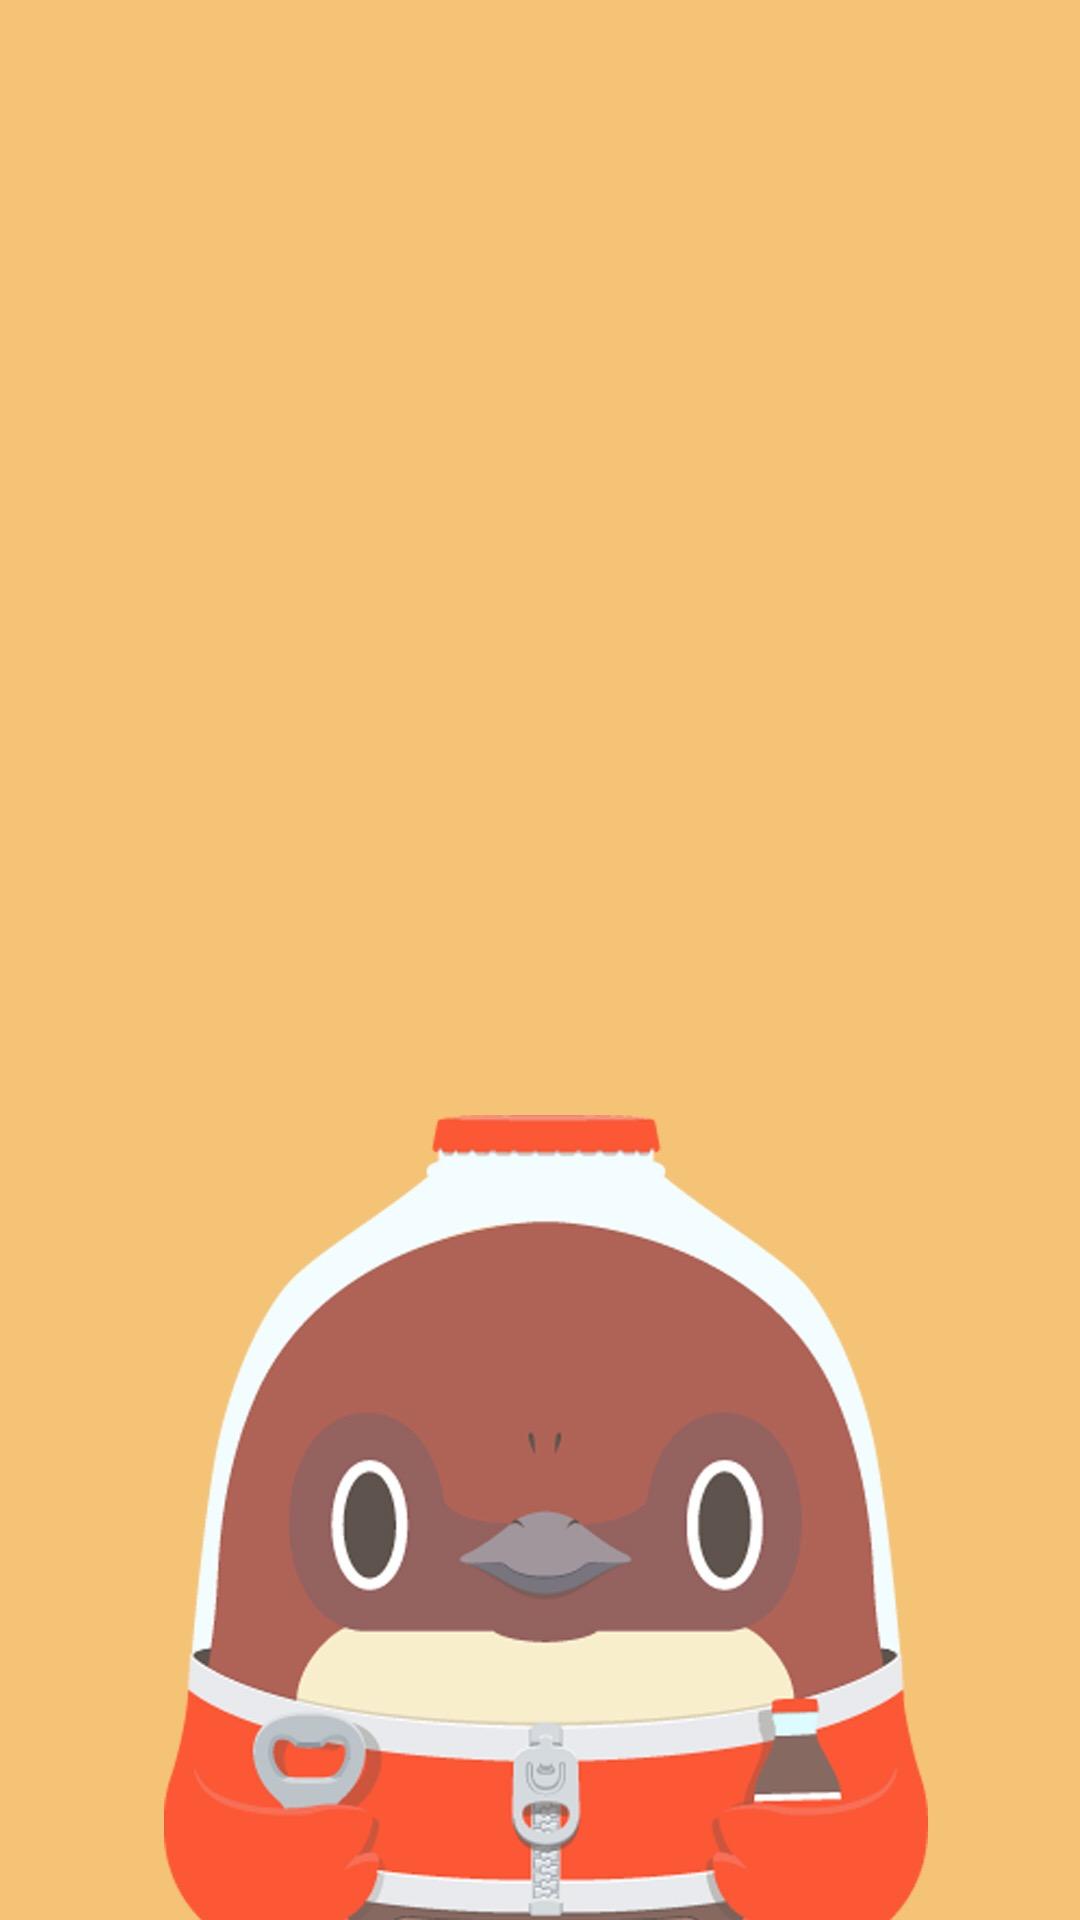 「资源组」萌萌可爱的小动物 【9p】